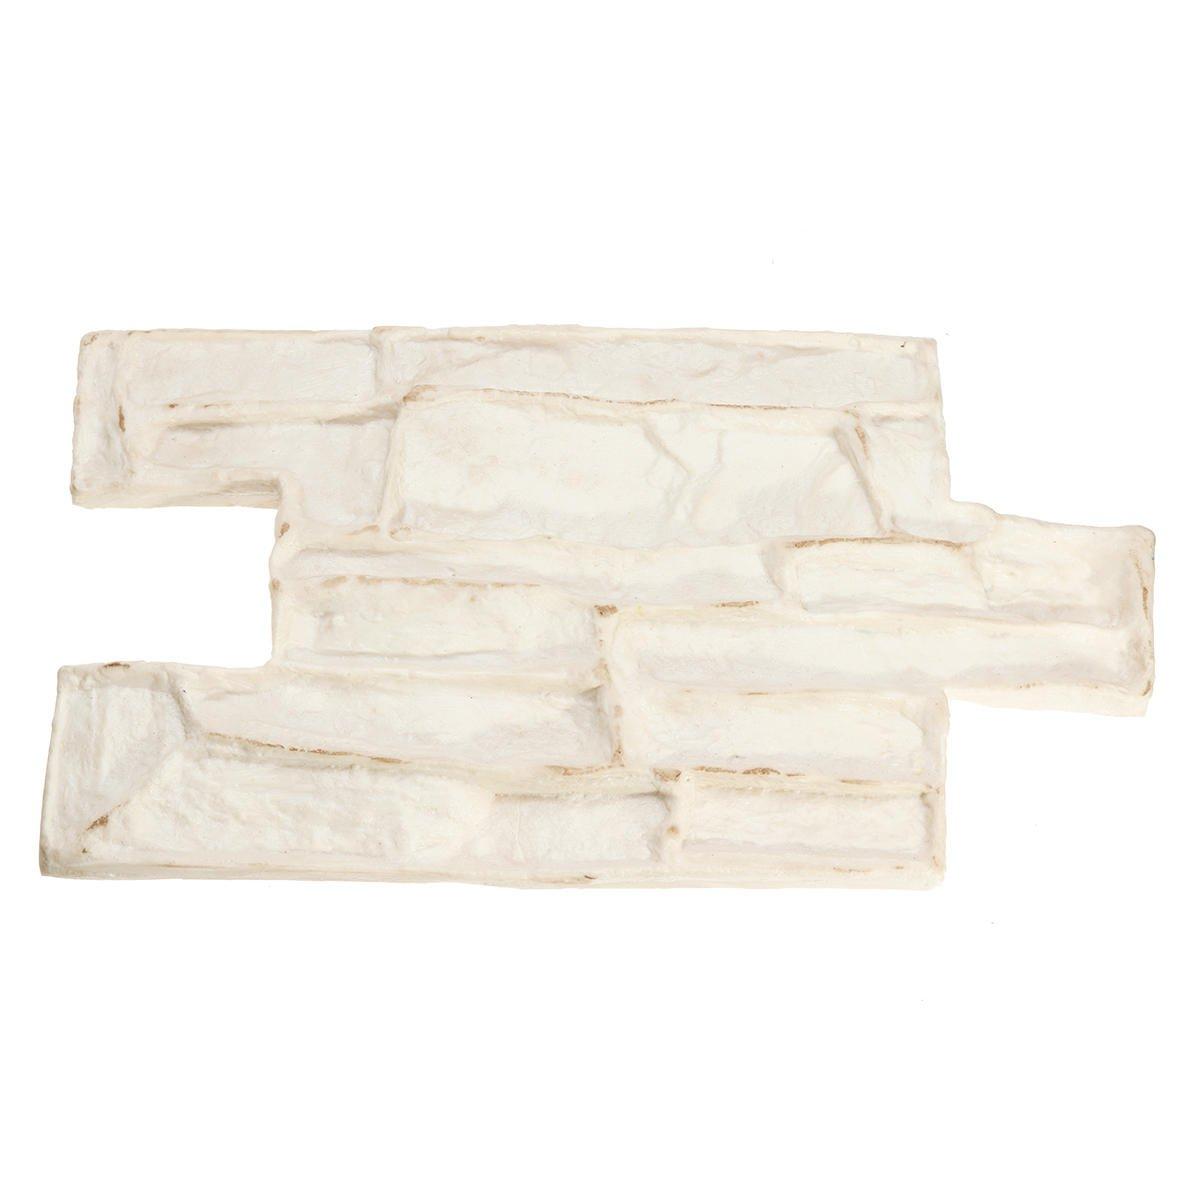 Stone Decorative Concrete Mold Cement Reusable Brick Mold Imprint Texture Stamp Mat